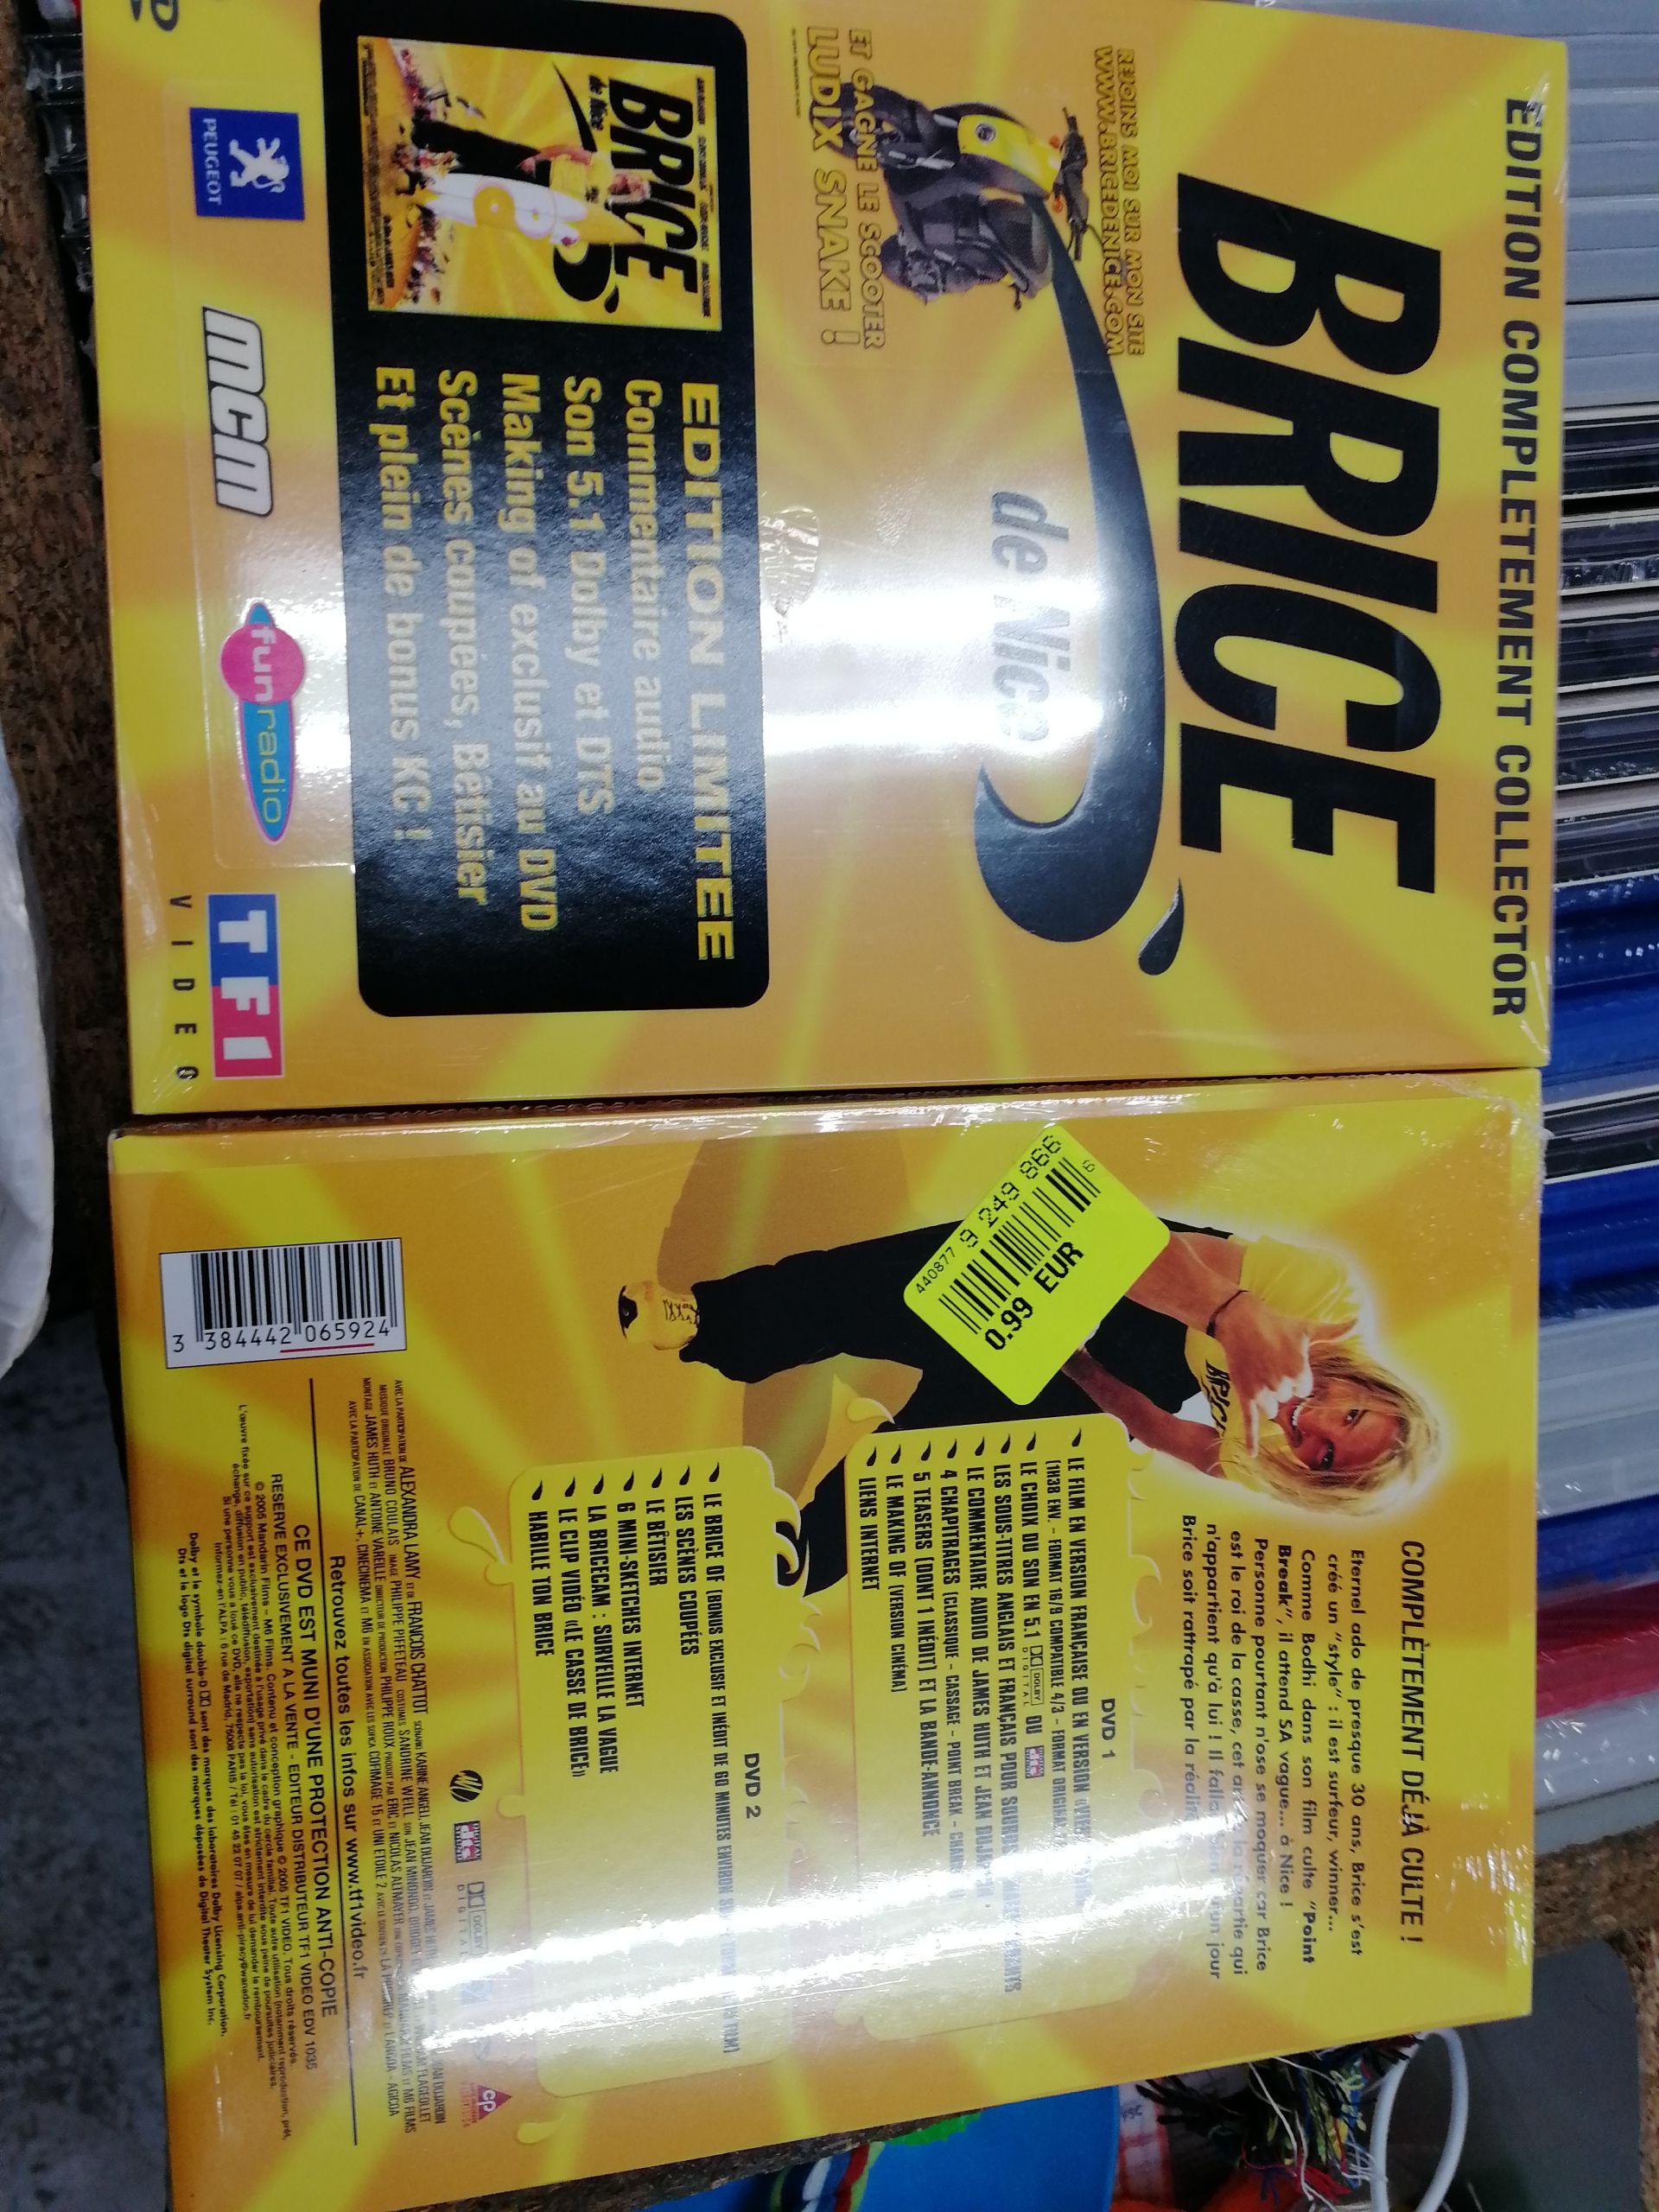 DVD Brice de Nice Edition Limitée - Noz Courrières (62)